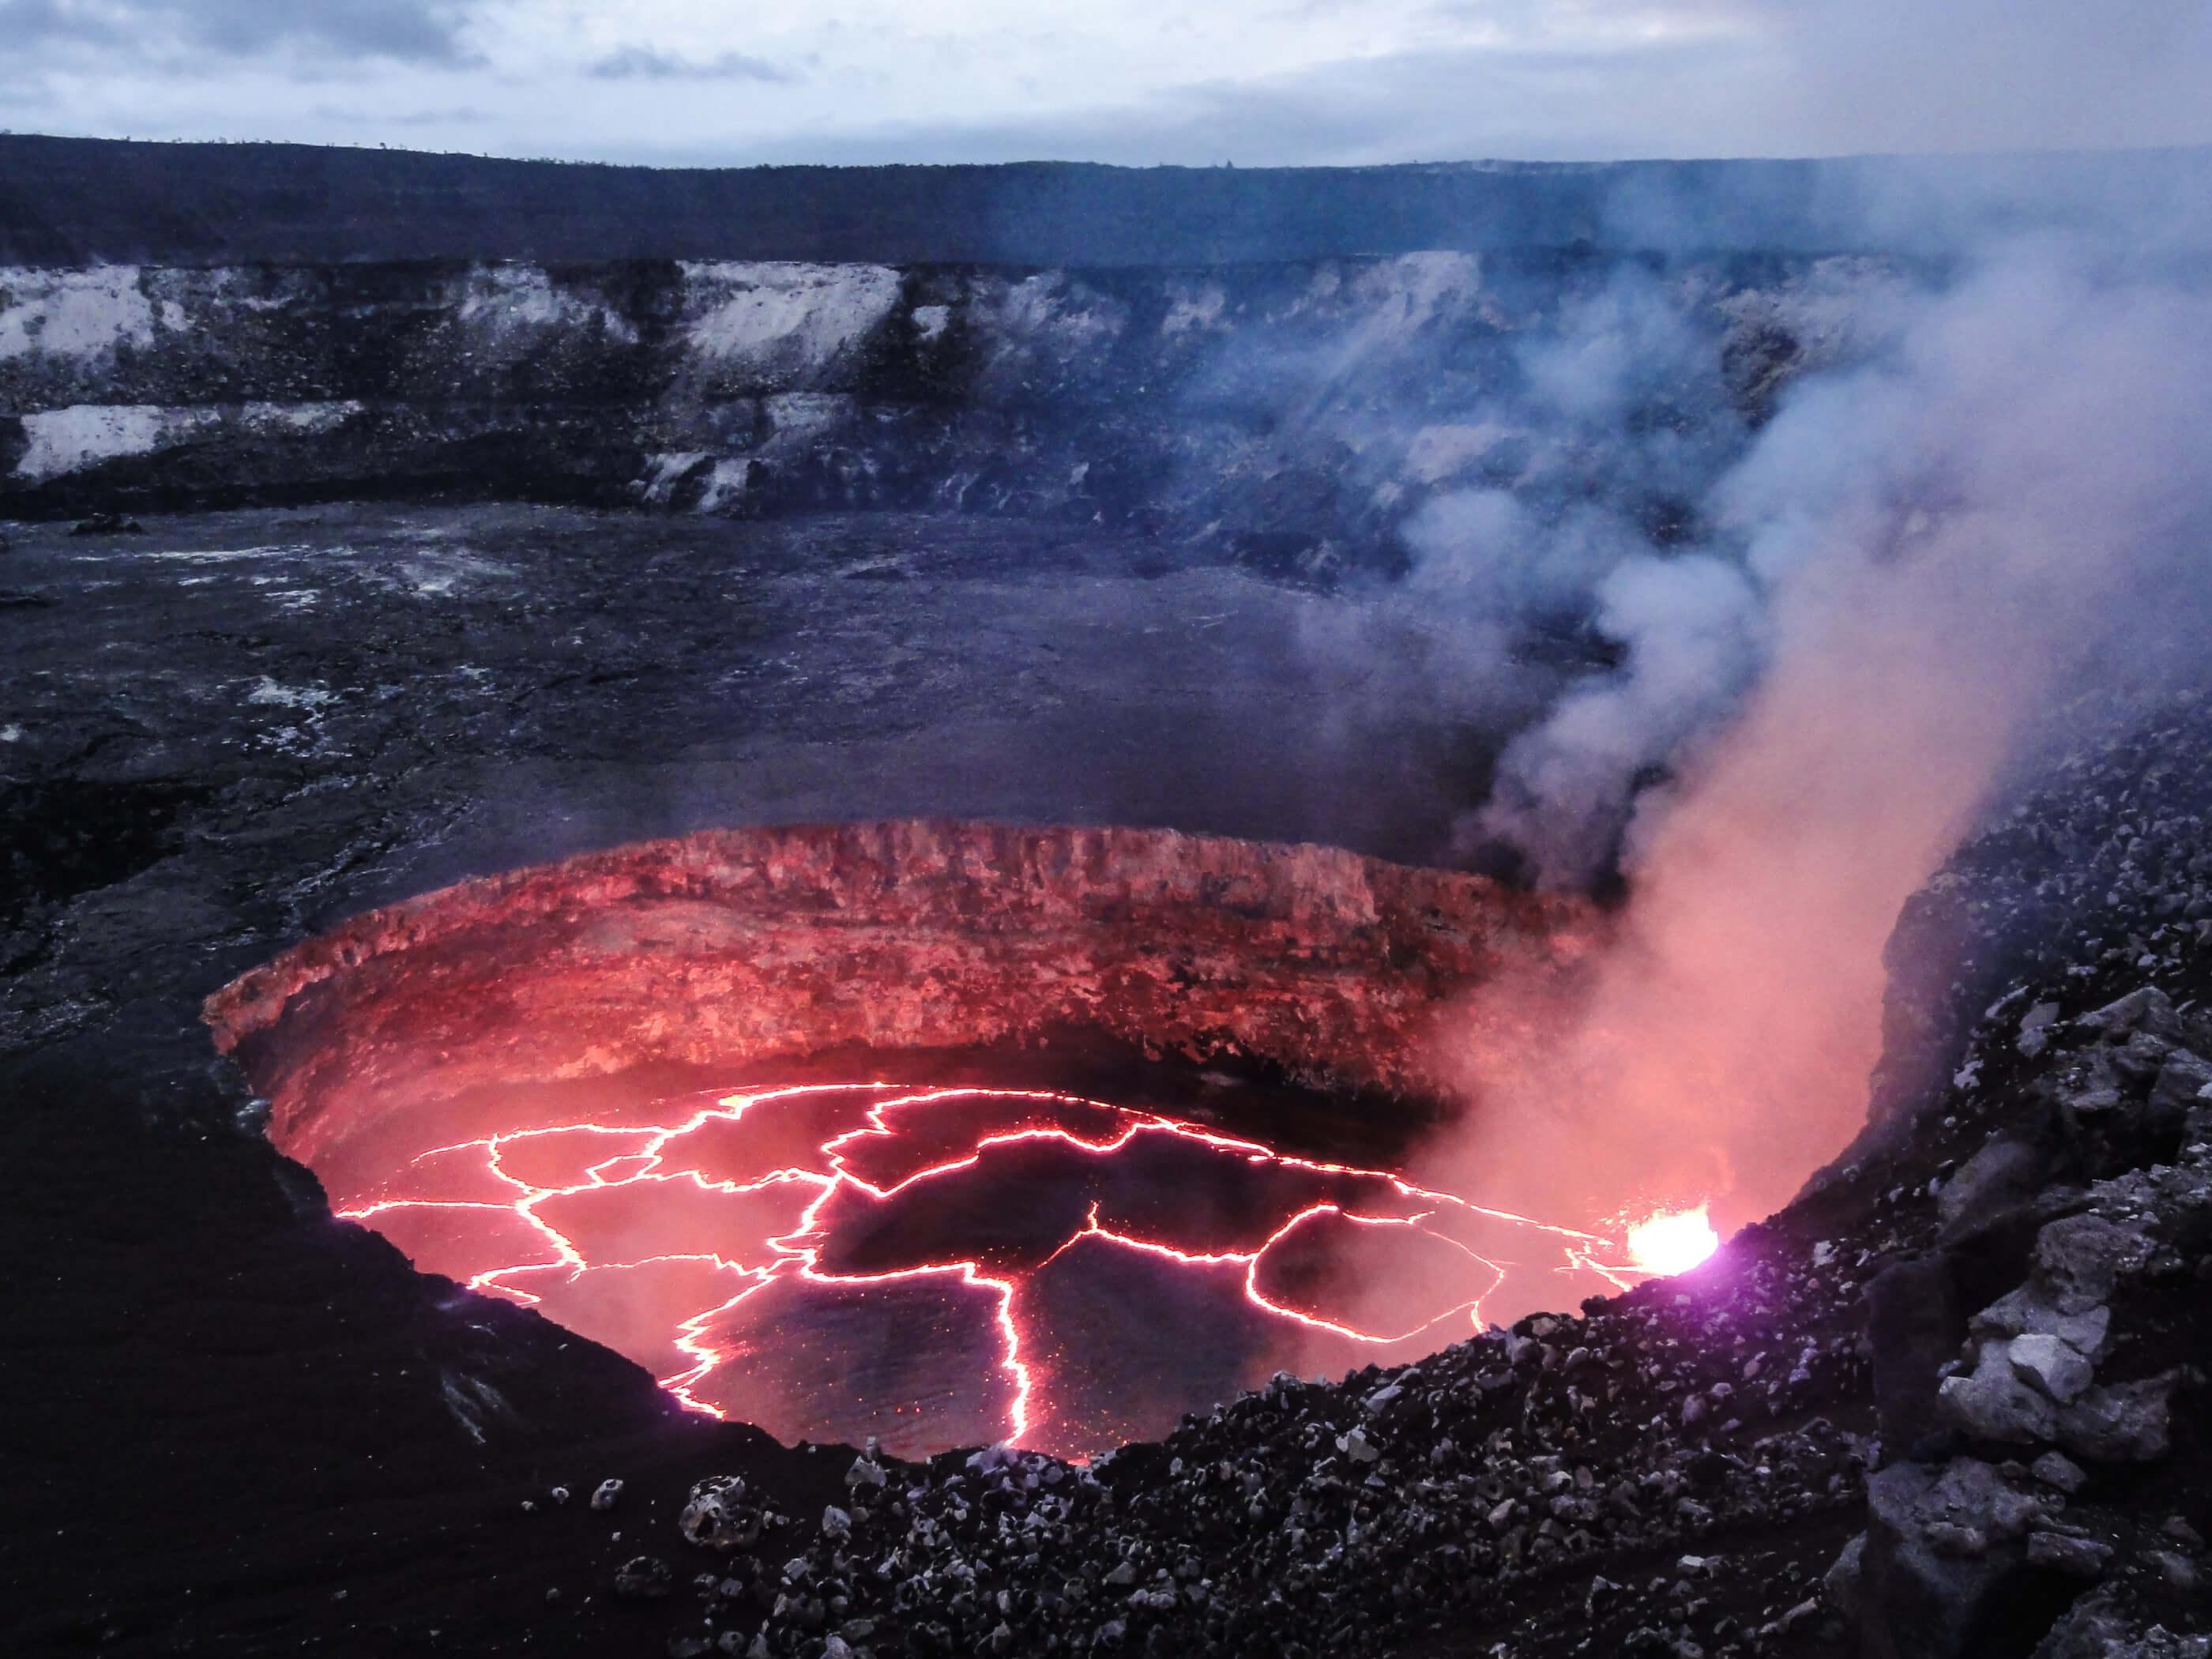 De toutes les îles d'Hawaii, c'est Maui et son impressionnant Volcan Haleakala qui offrent aux intrépides en quête de sensations fortes un magnifique quoique dangereux terrain de jeu.